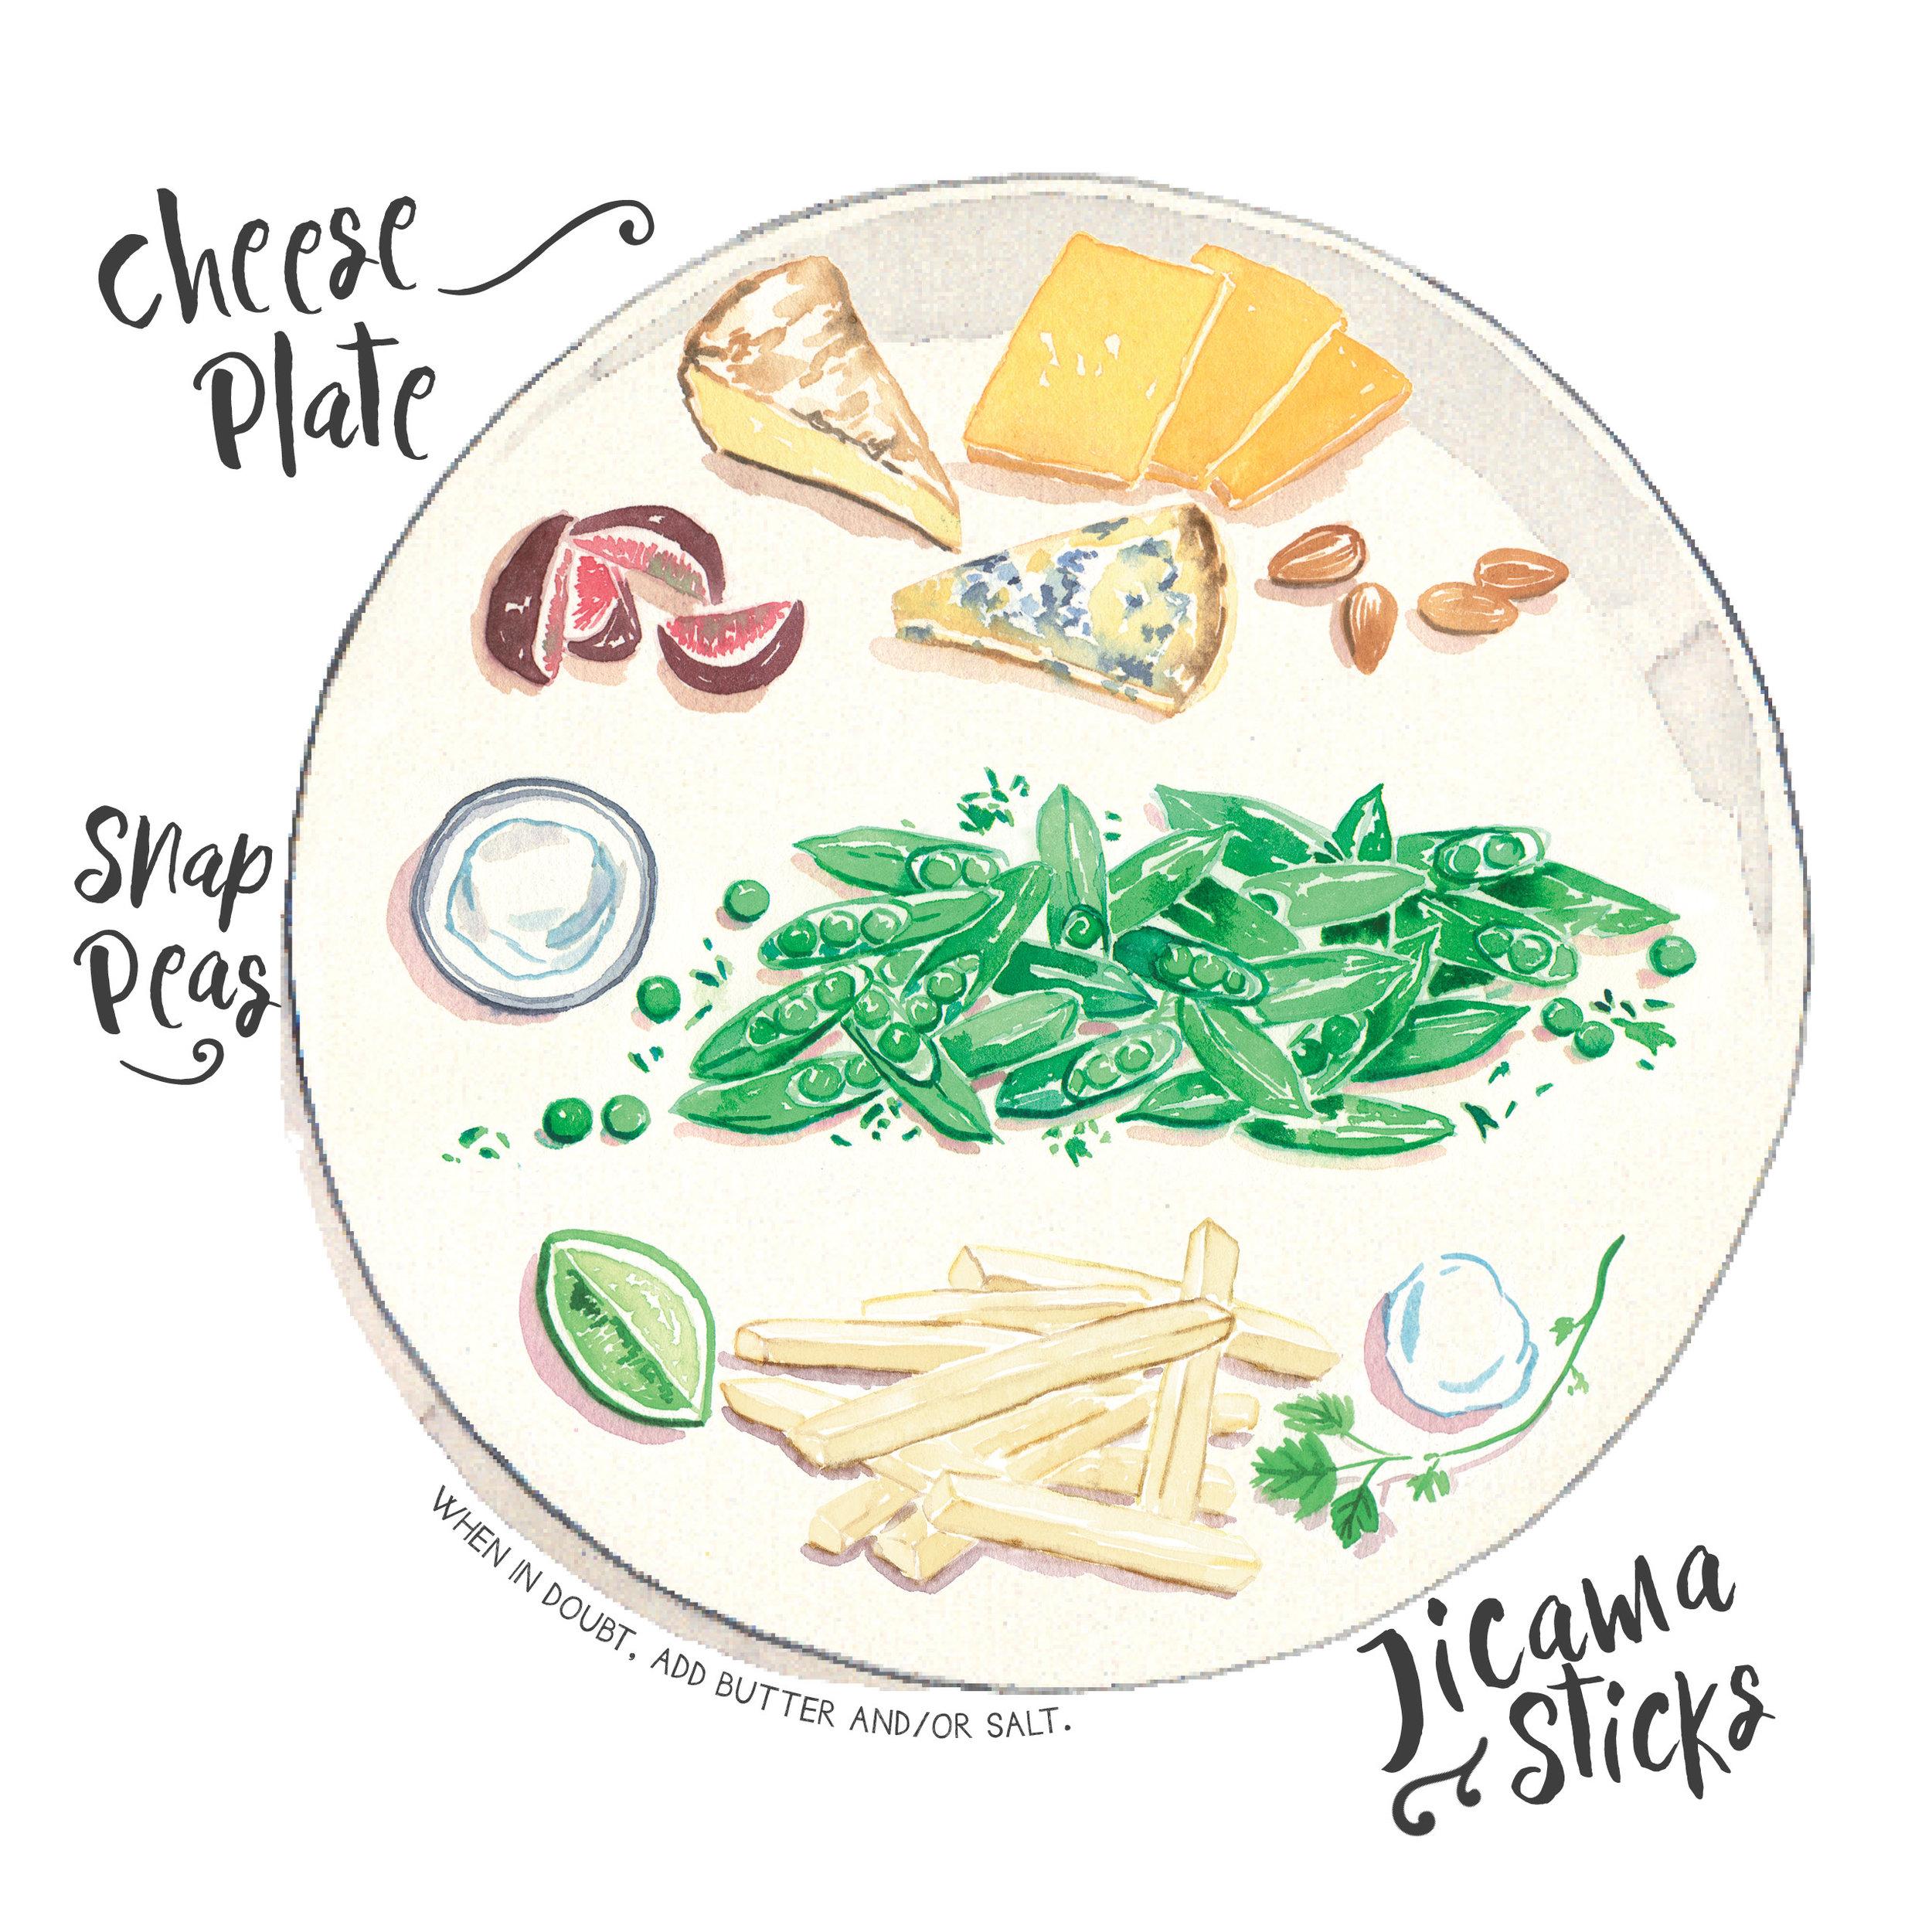 cheese snap peas jicama.jpg